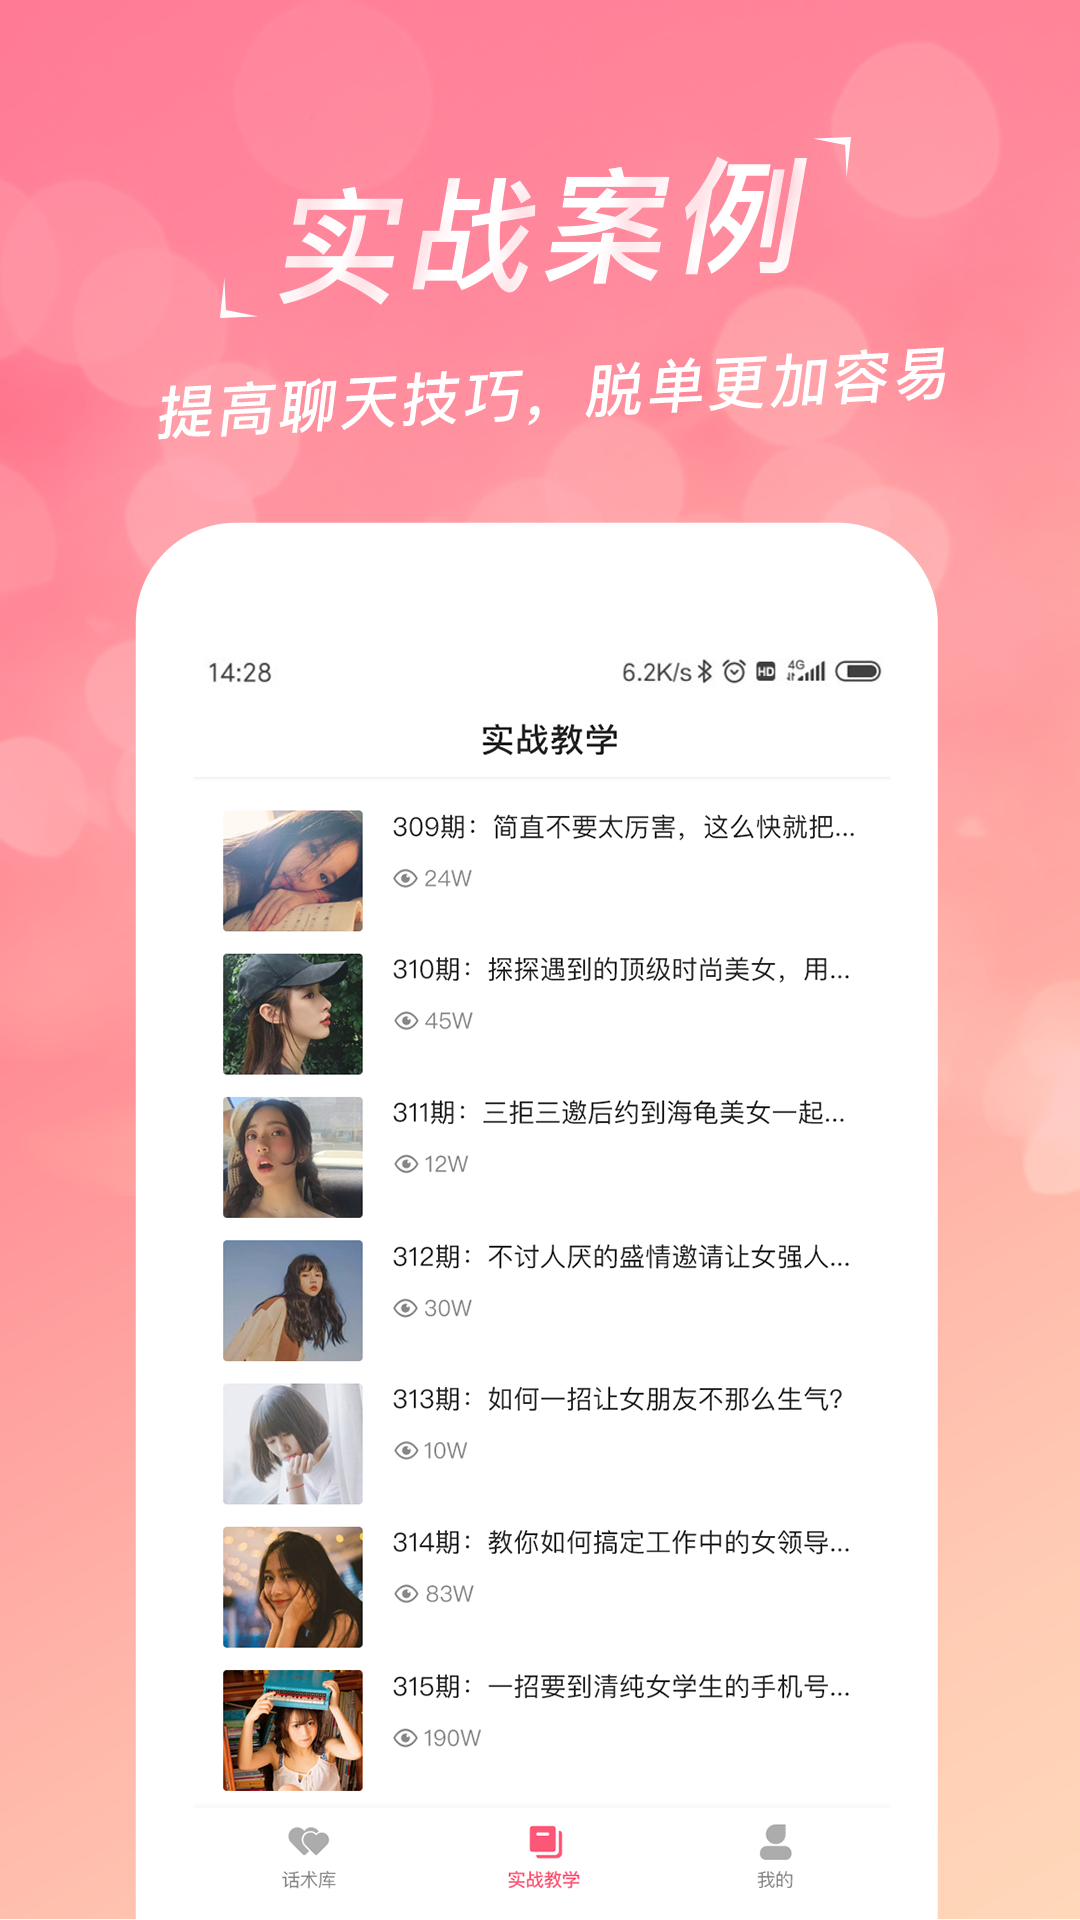 恋爱聊天话术库软件截图5